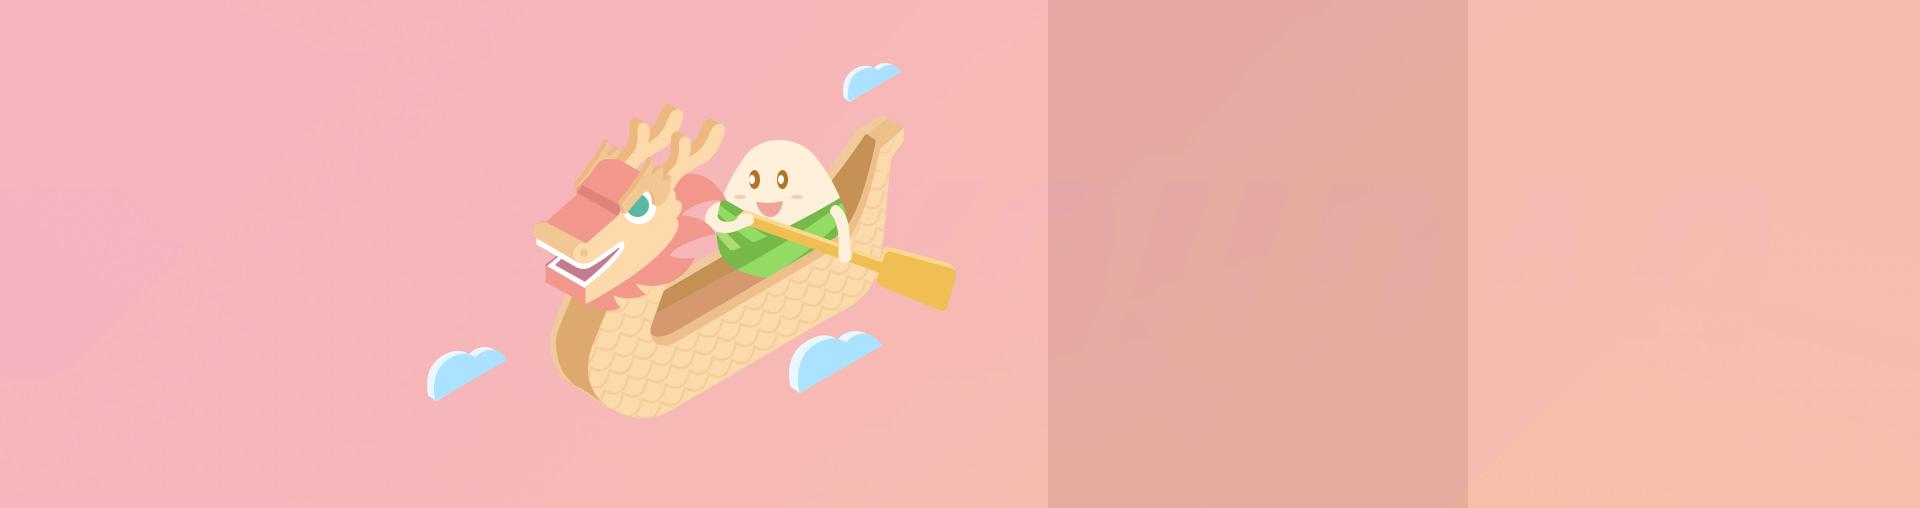 【外教趣味科普】Dragon Boat Festival